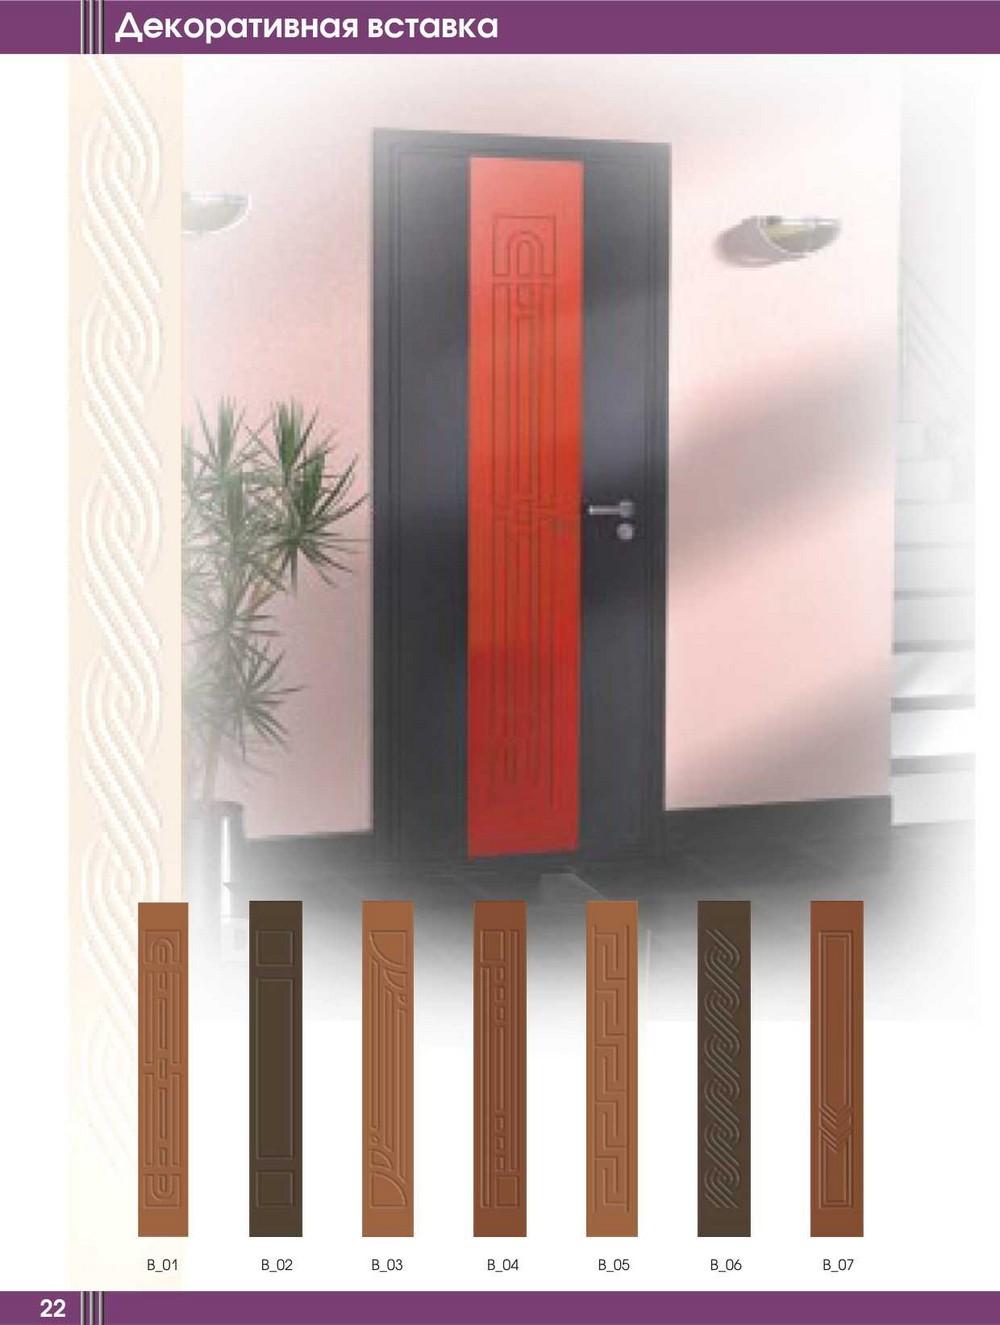 декоративная вставка на железную дверь